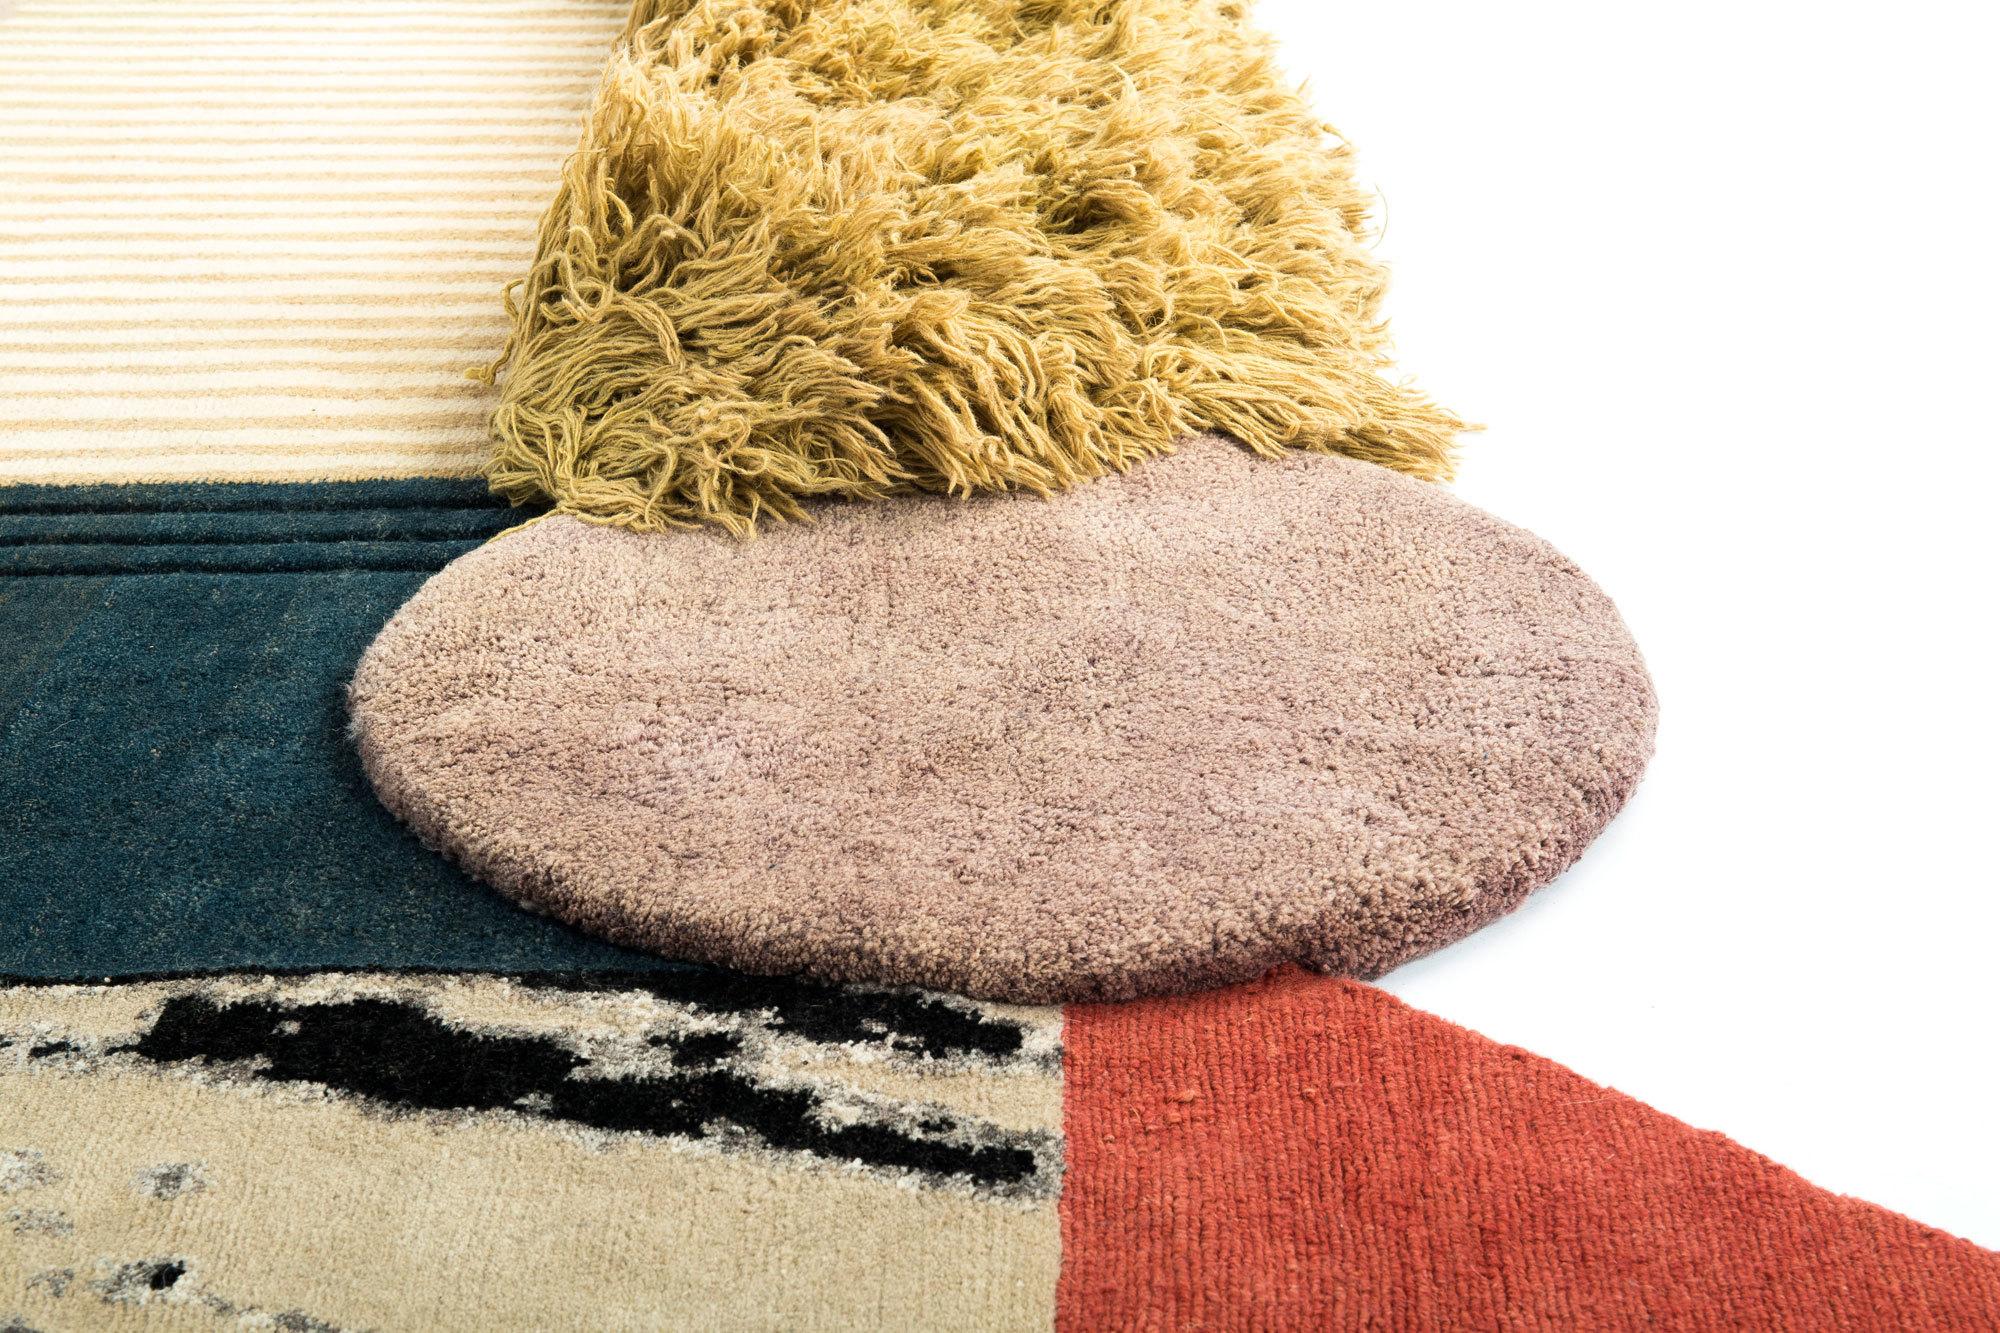 Medley von Lyk-Carpet-Teppichen, Detail. Foto/ Copyright: Lyk Carpet